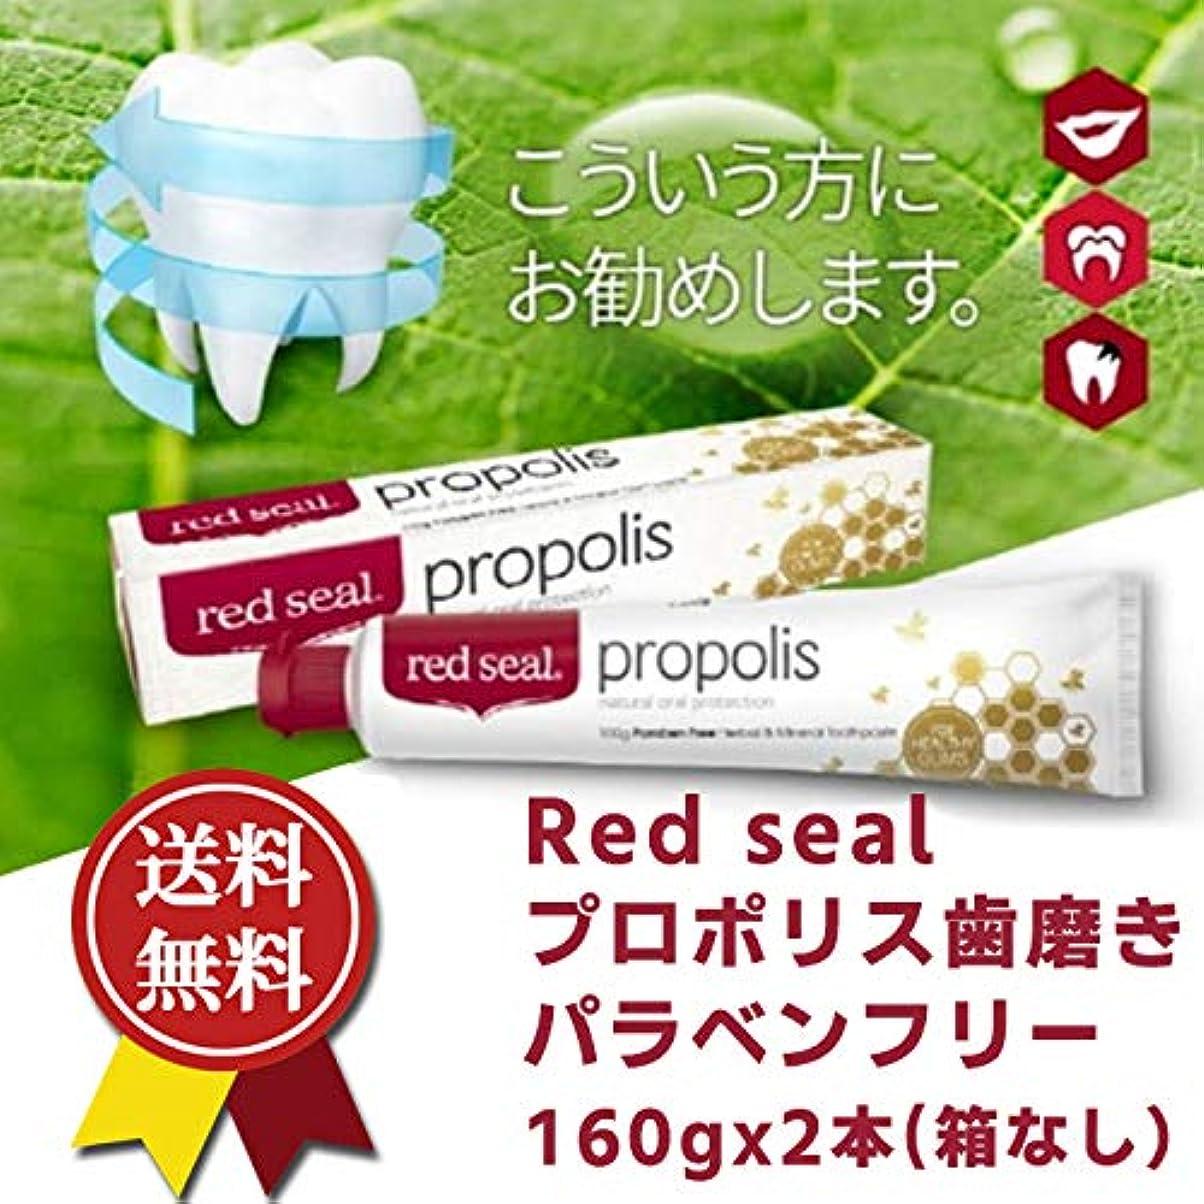 トリム所有者ギャラリー★送料無料★red seal レッドシール プロポリス 歯磨き粉 160gx2本 RED SEAL Propolis Toothpaste